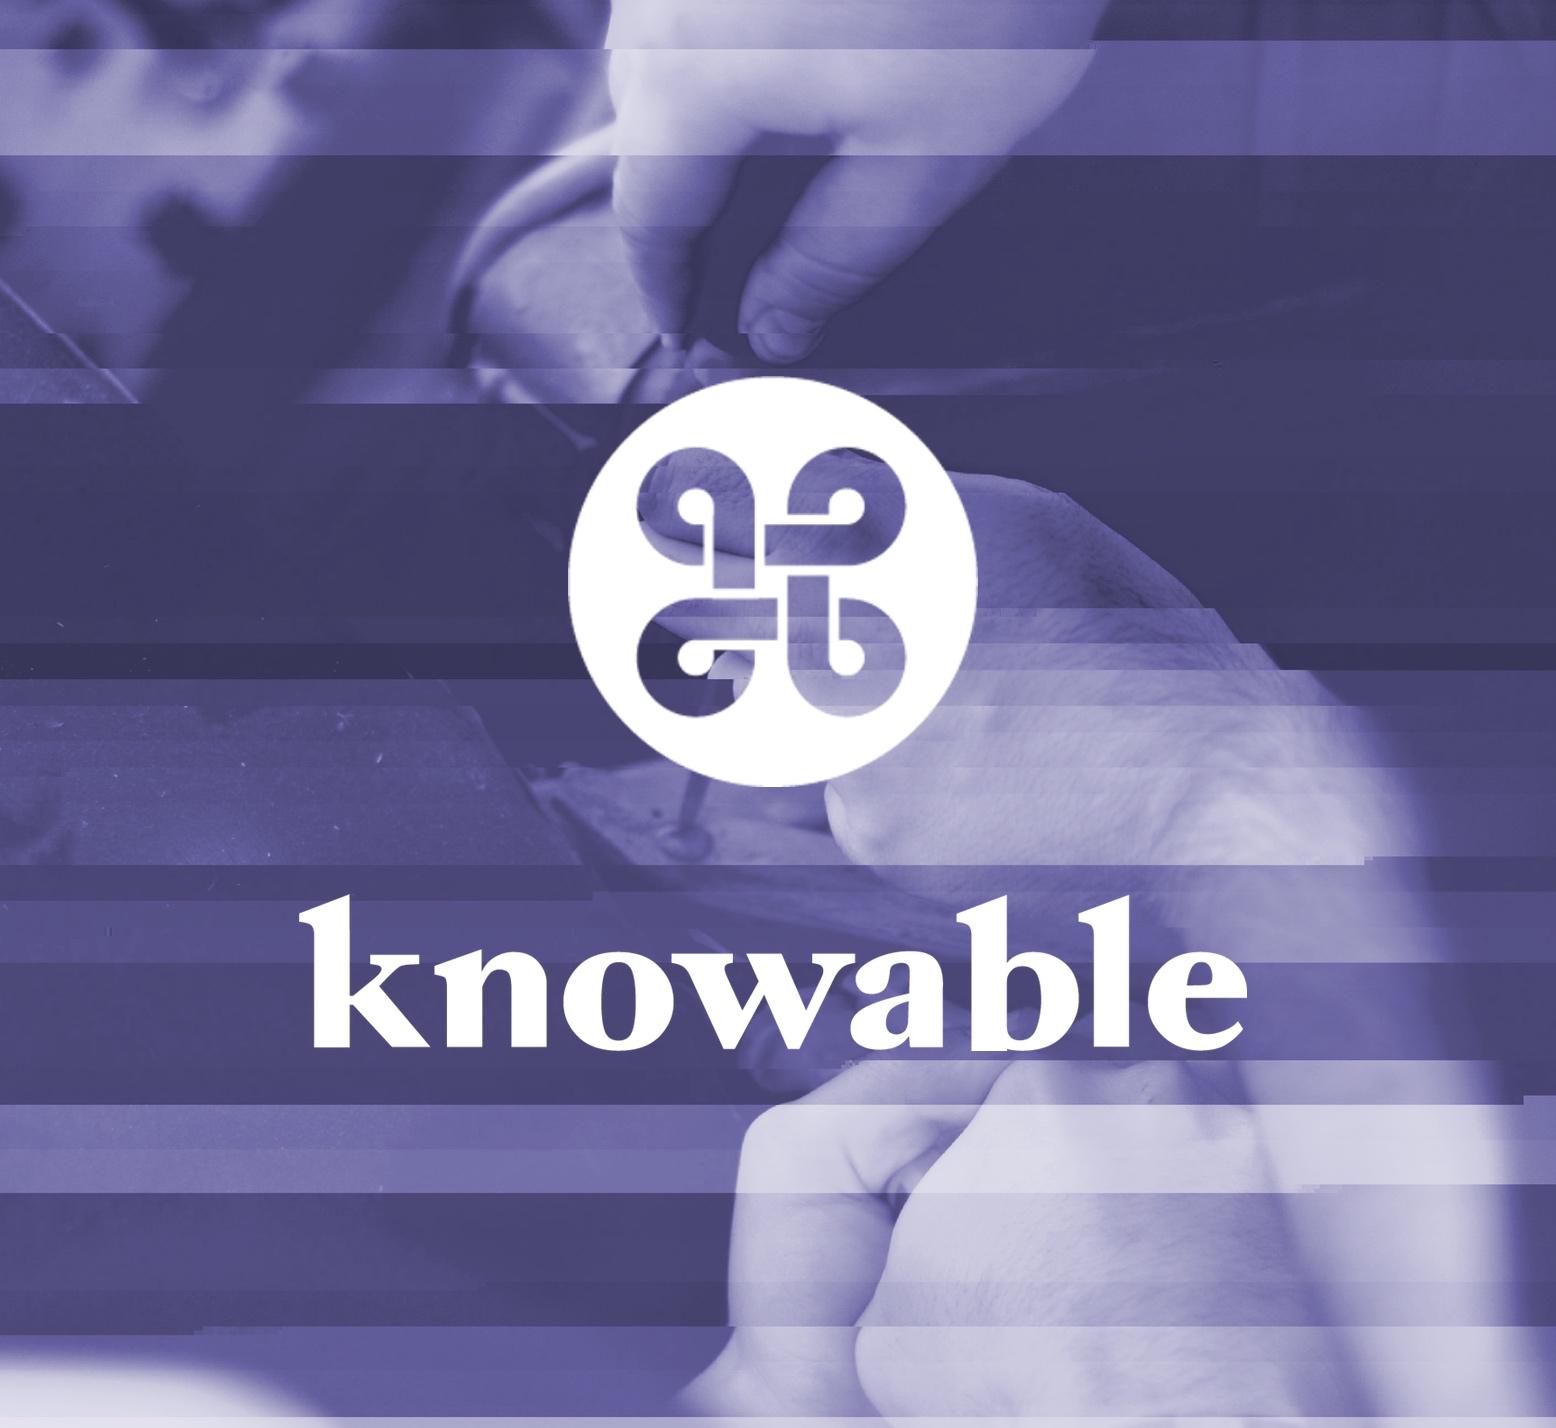 knowable.jpg